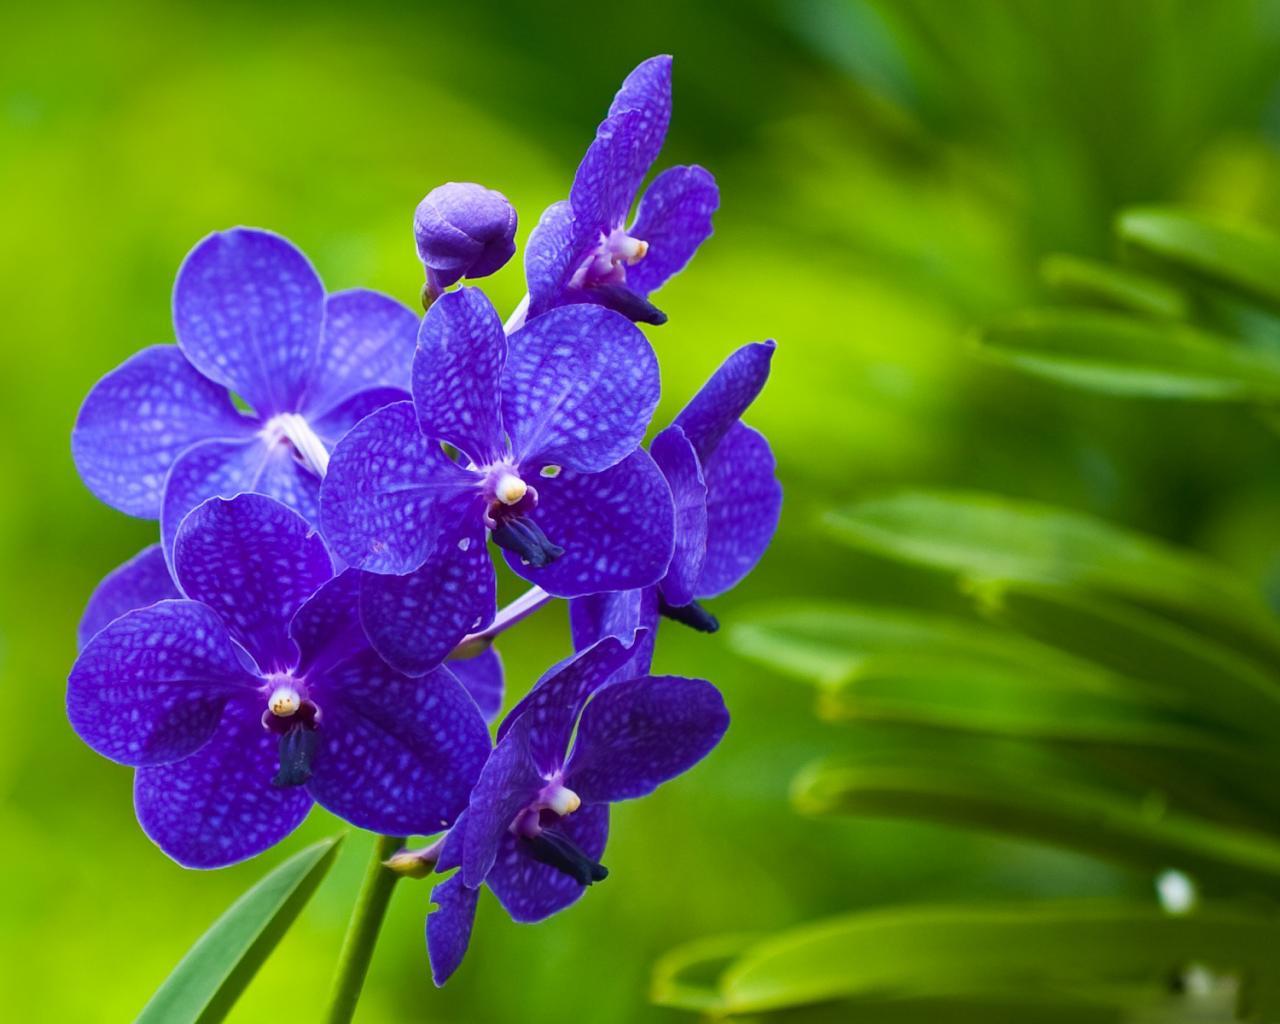 красивые обои цветы орхидеи на рабочий стол на весь экран